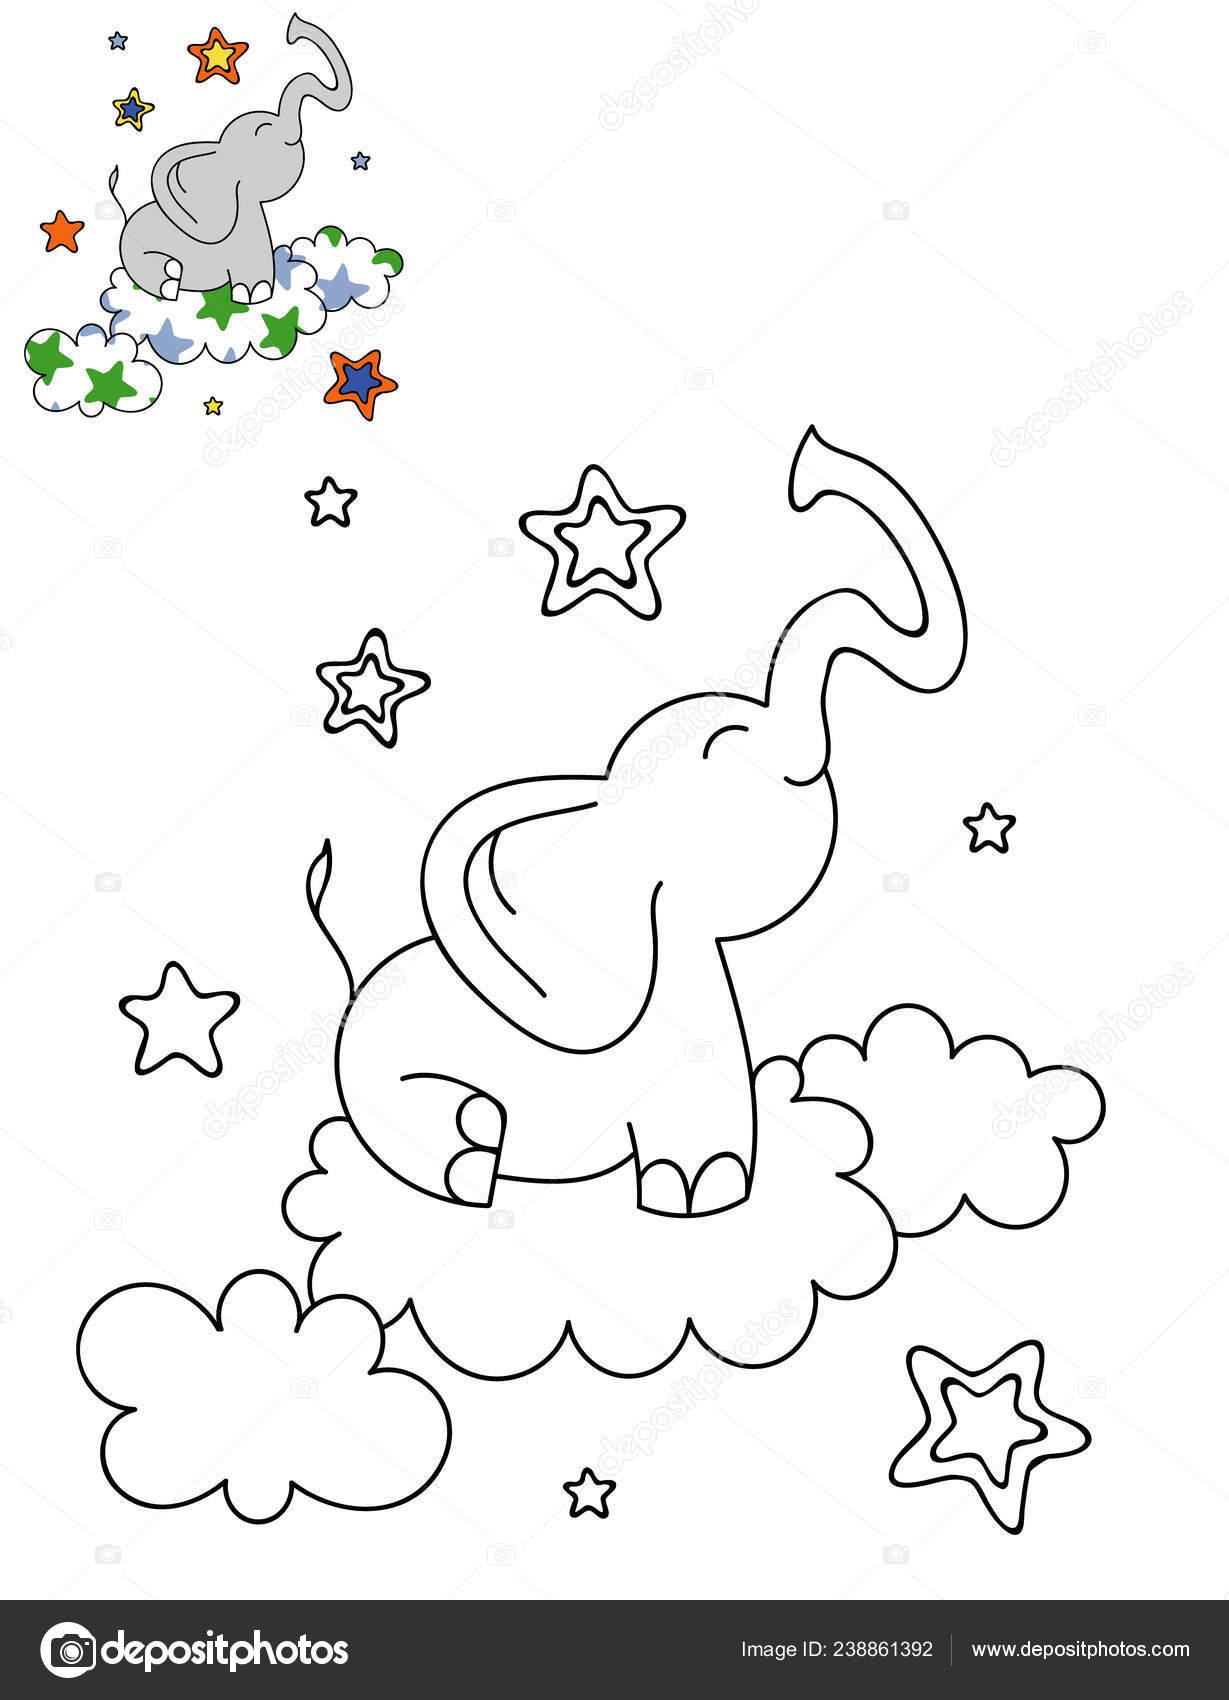 Kleurplaten Over Olifanten.Kleurplaat Paginaoverzicht Van Cartoon Schattig Olifant Een